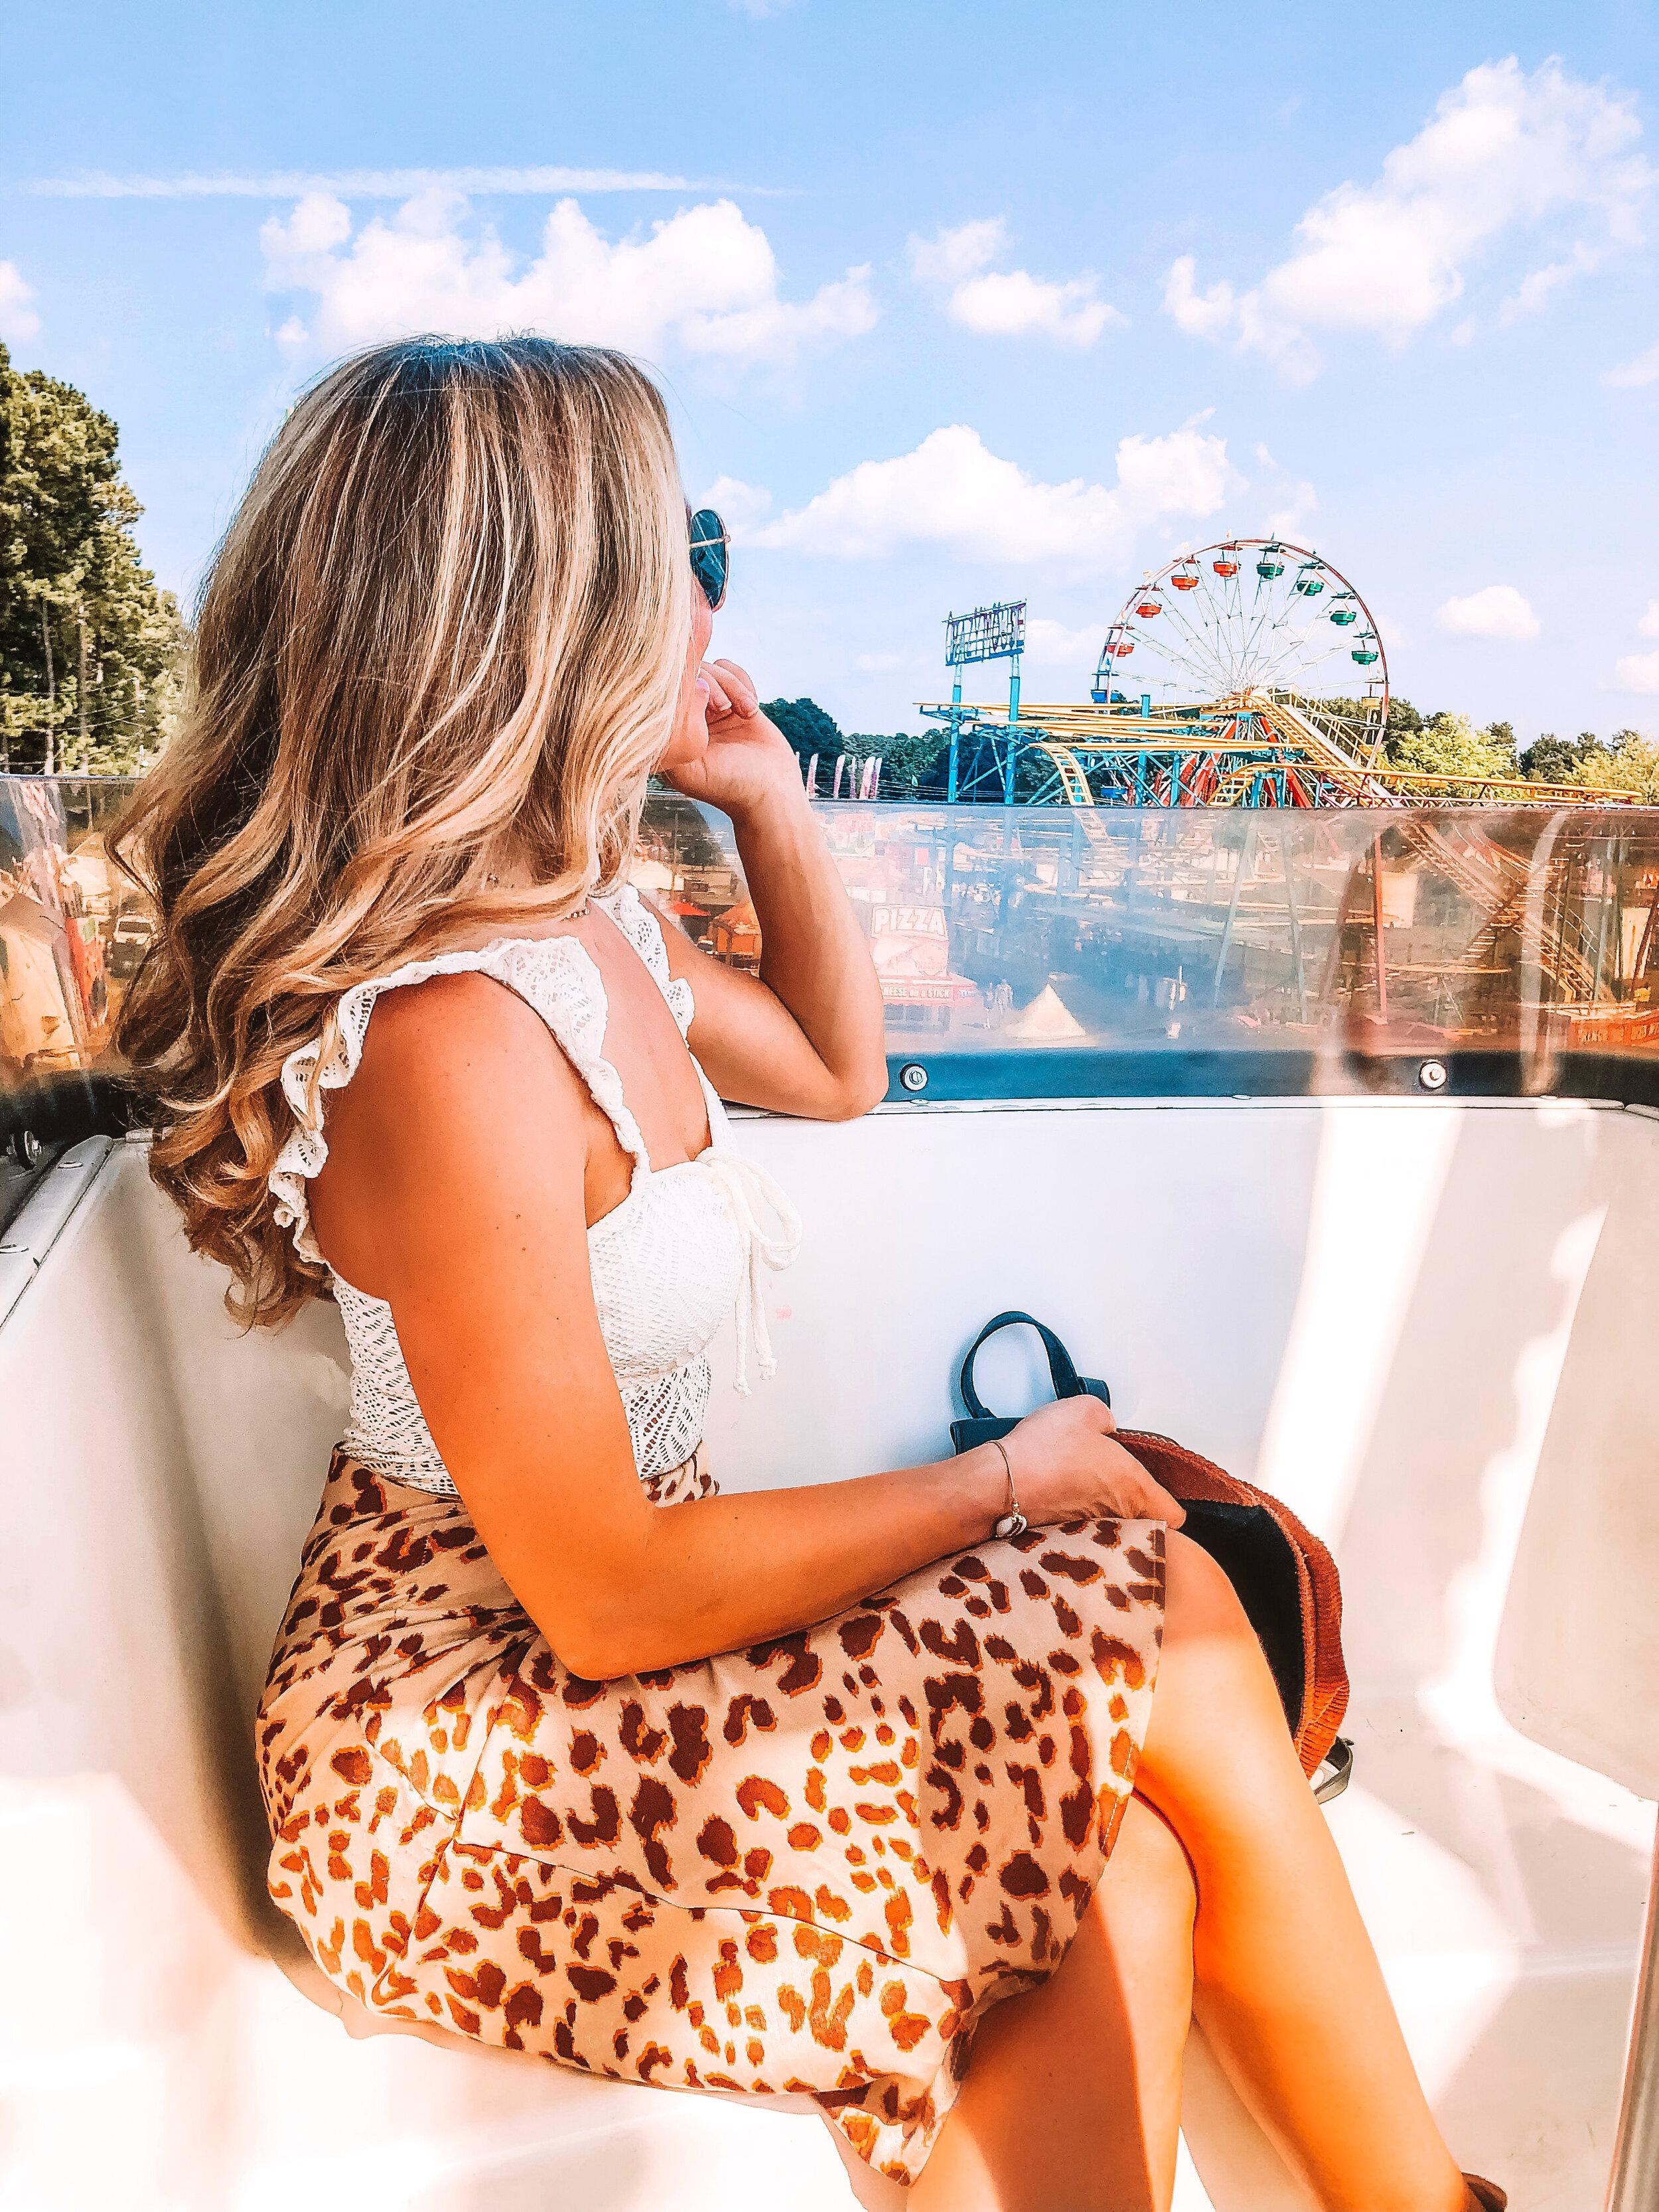 carnival-attire-leopard-skirt.JPG